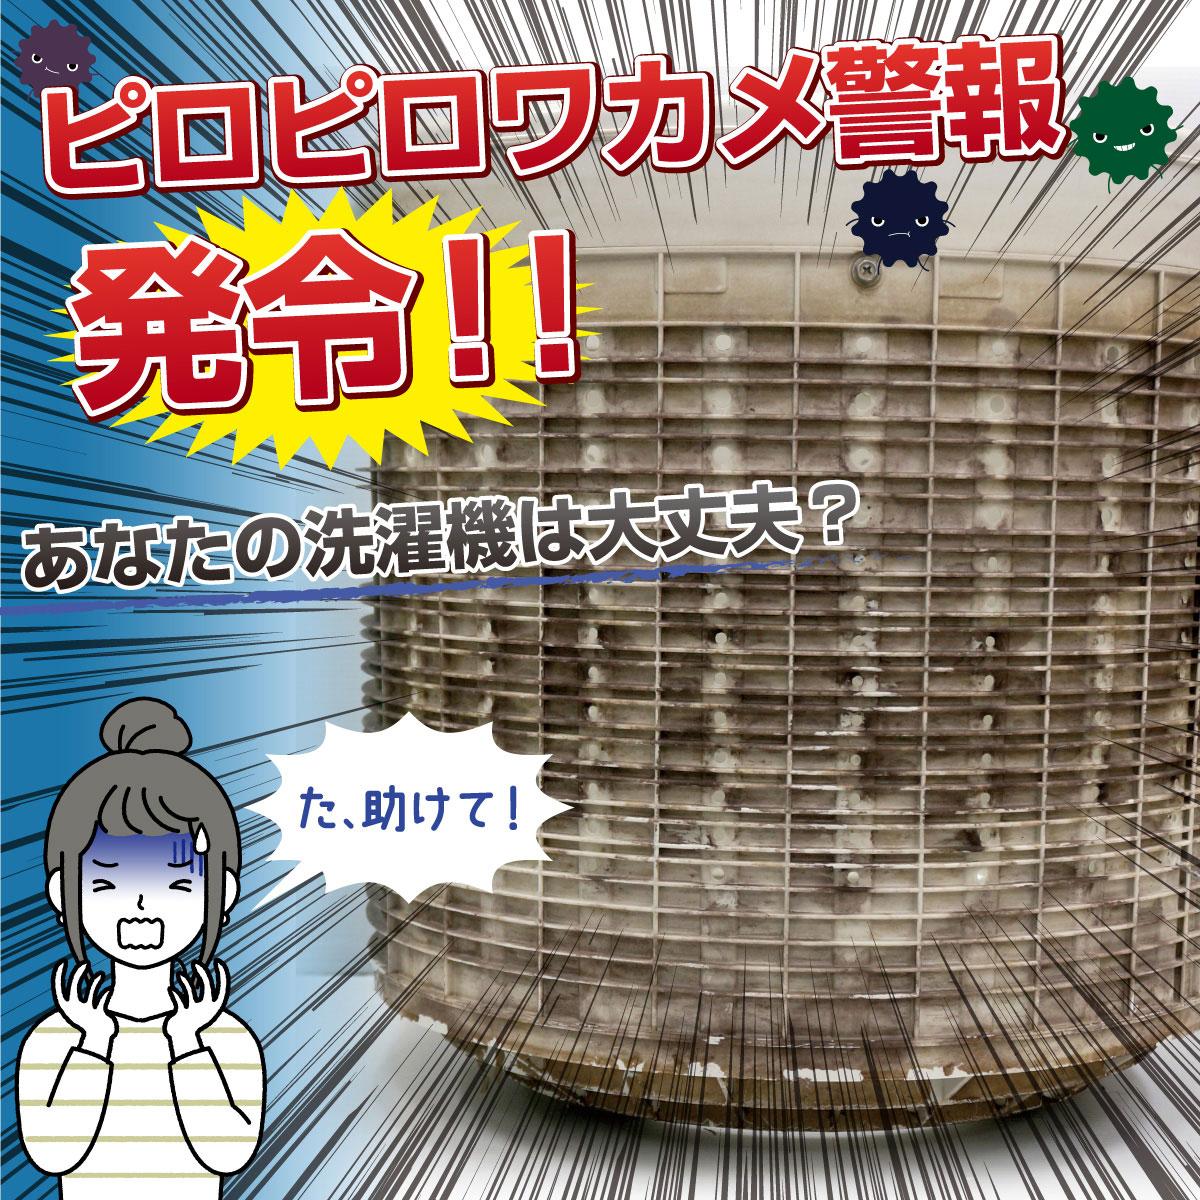 パナソニック 洗濯槽クリーナー ドラム式洗濯機用 750ml N-W2 Panasonic純正 塩素系洗浄液